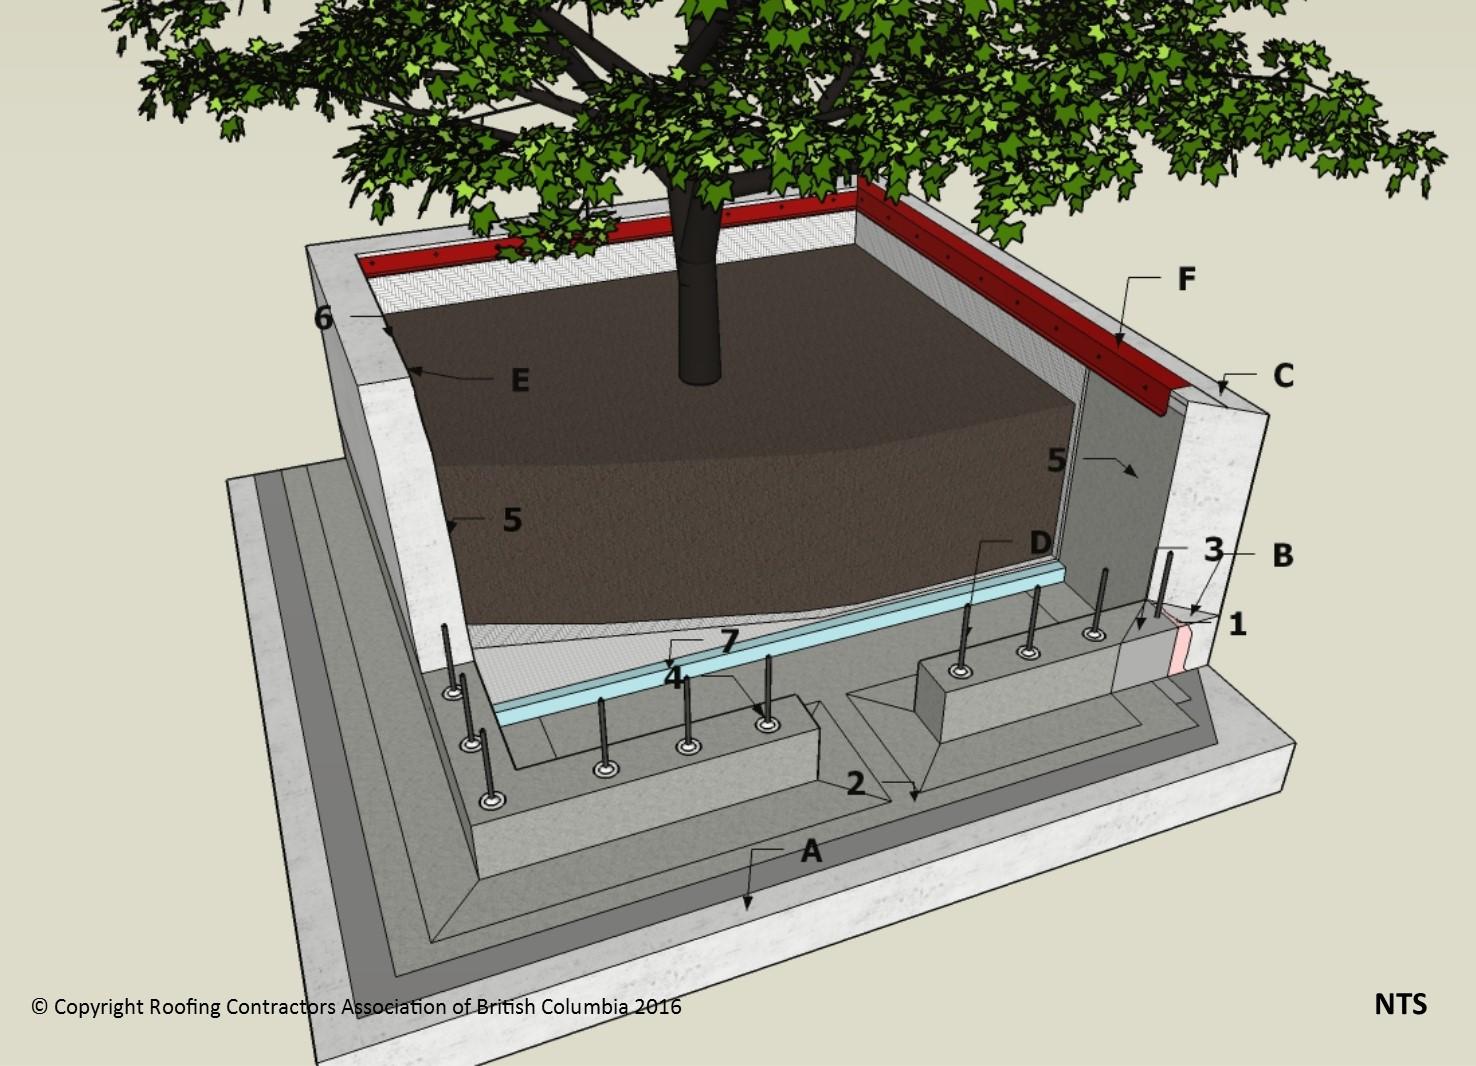 Wp Details F1 7 6 Walls Planter Pre Curb Wall Rcabc